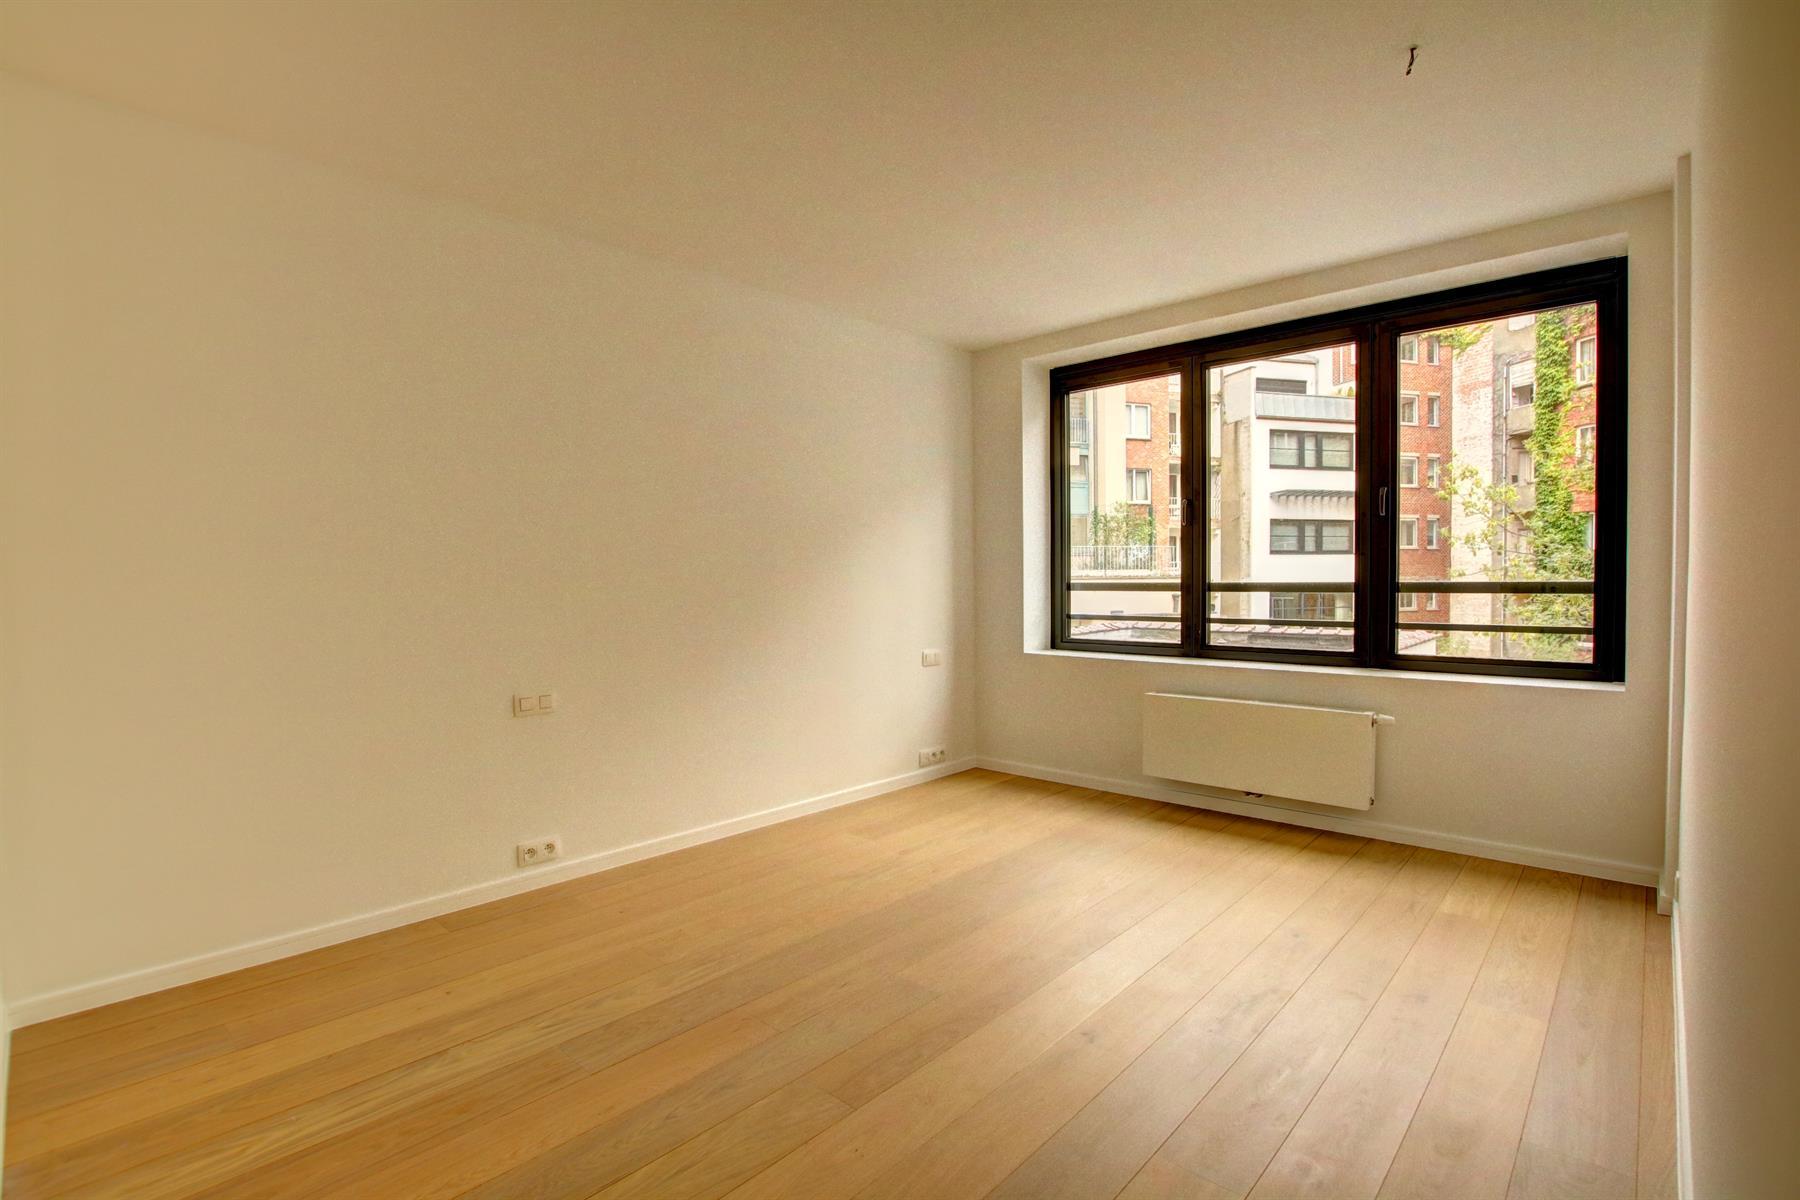 Appartement - Ixelles - #4373309-11